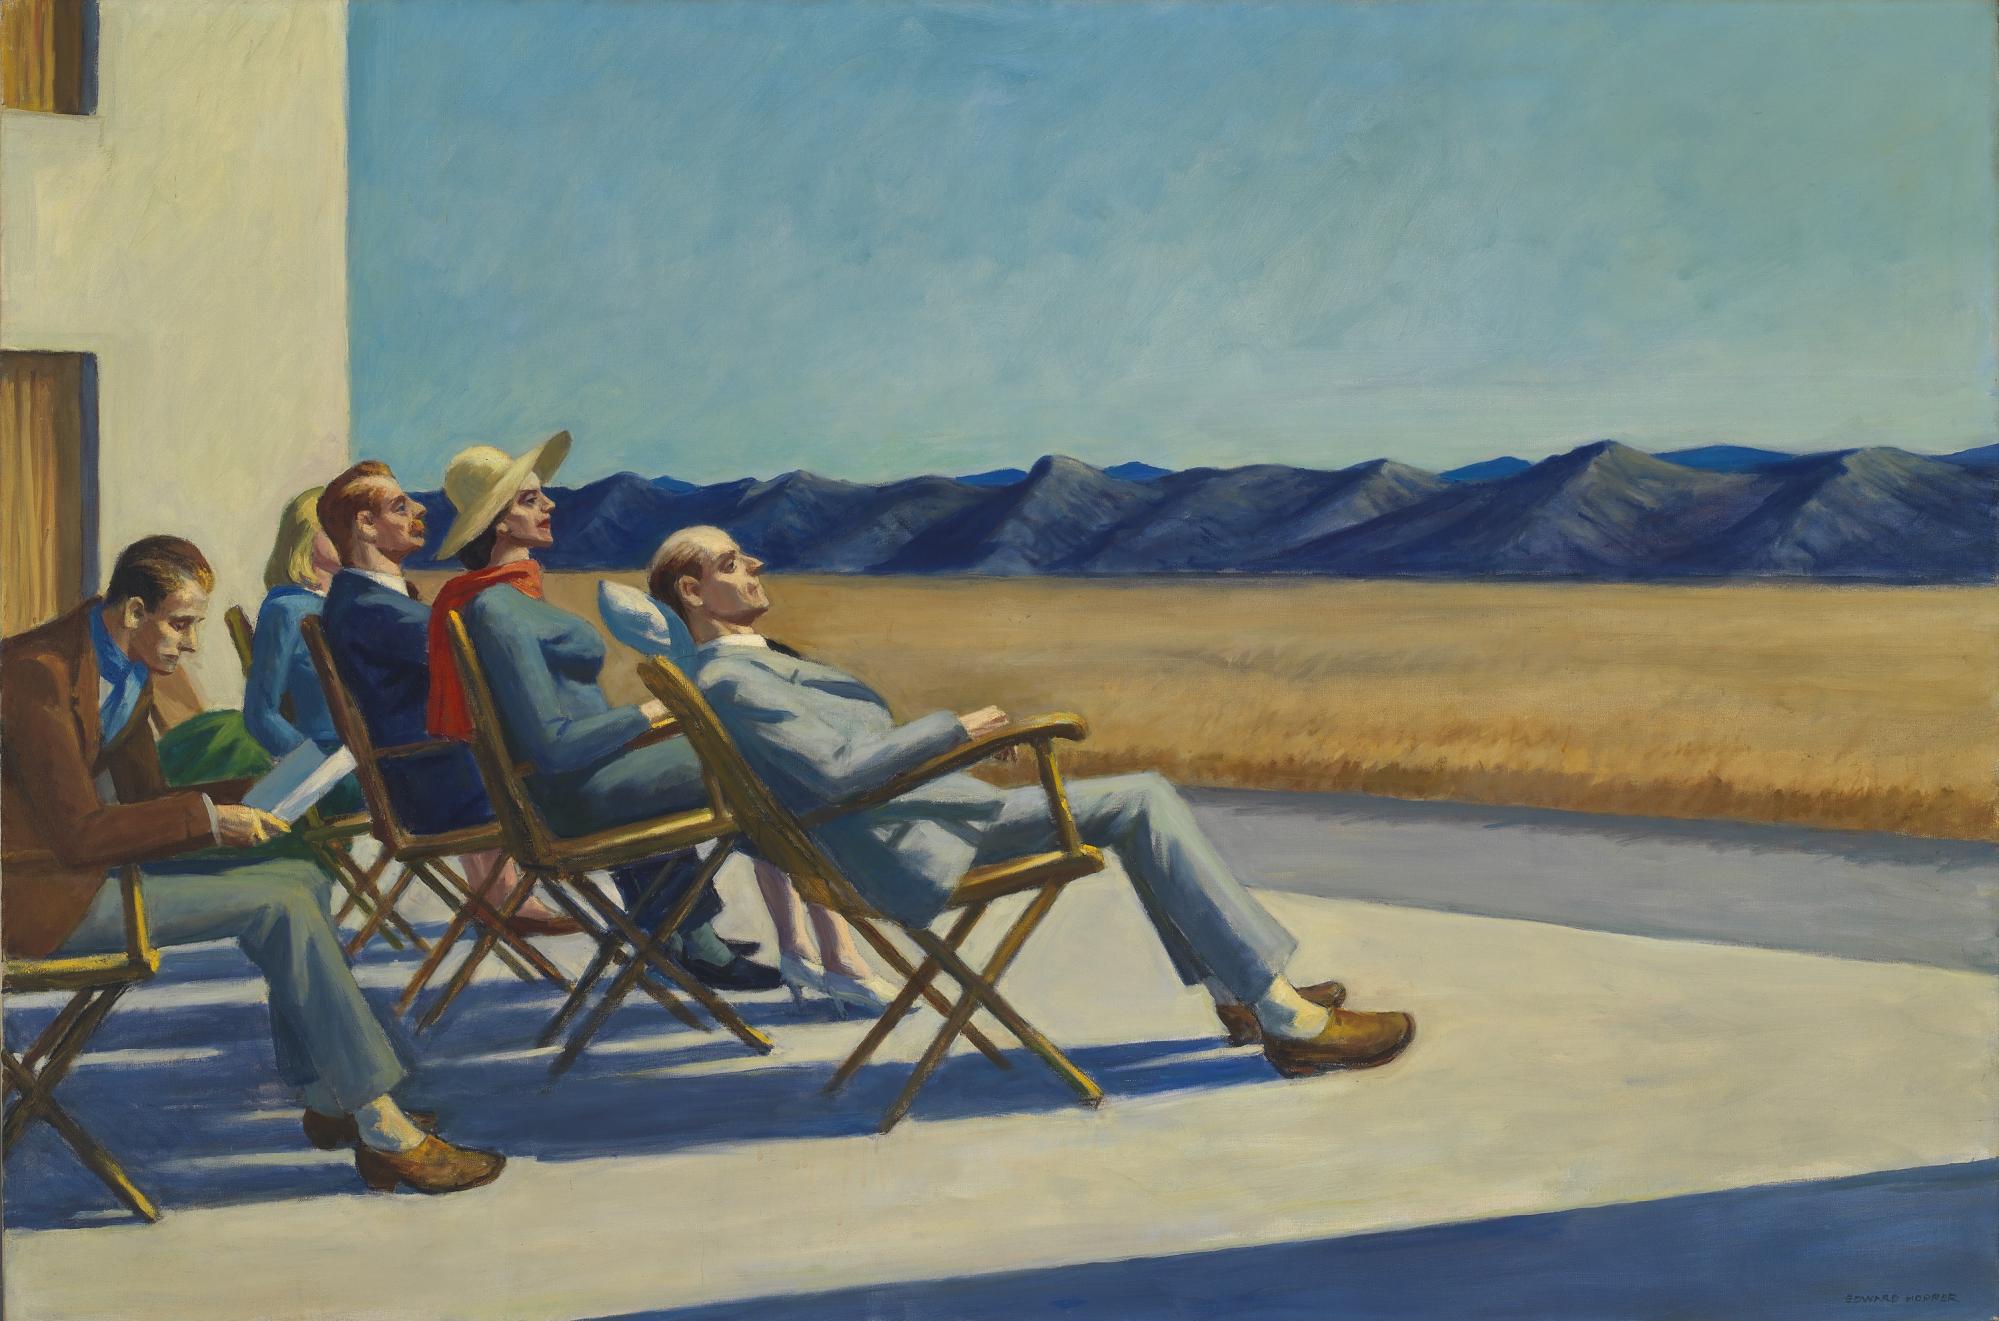 ناس في الشمس، إدوارد هوبر